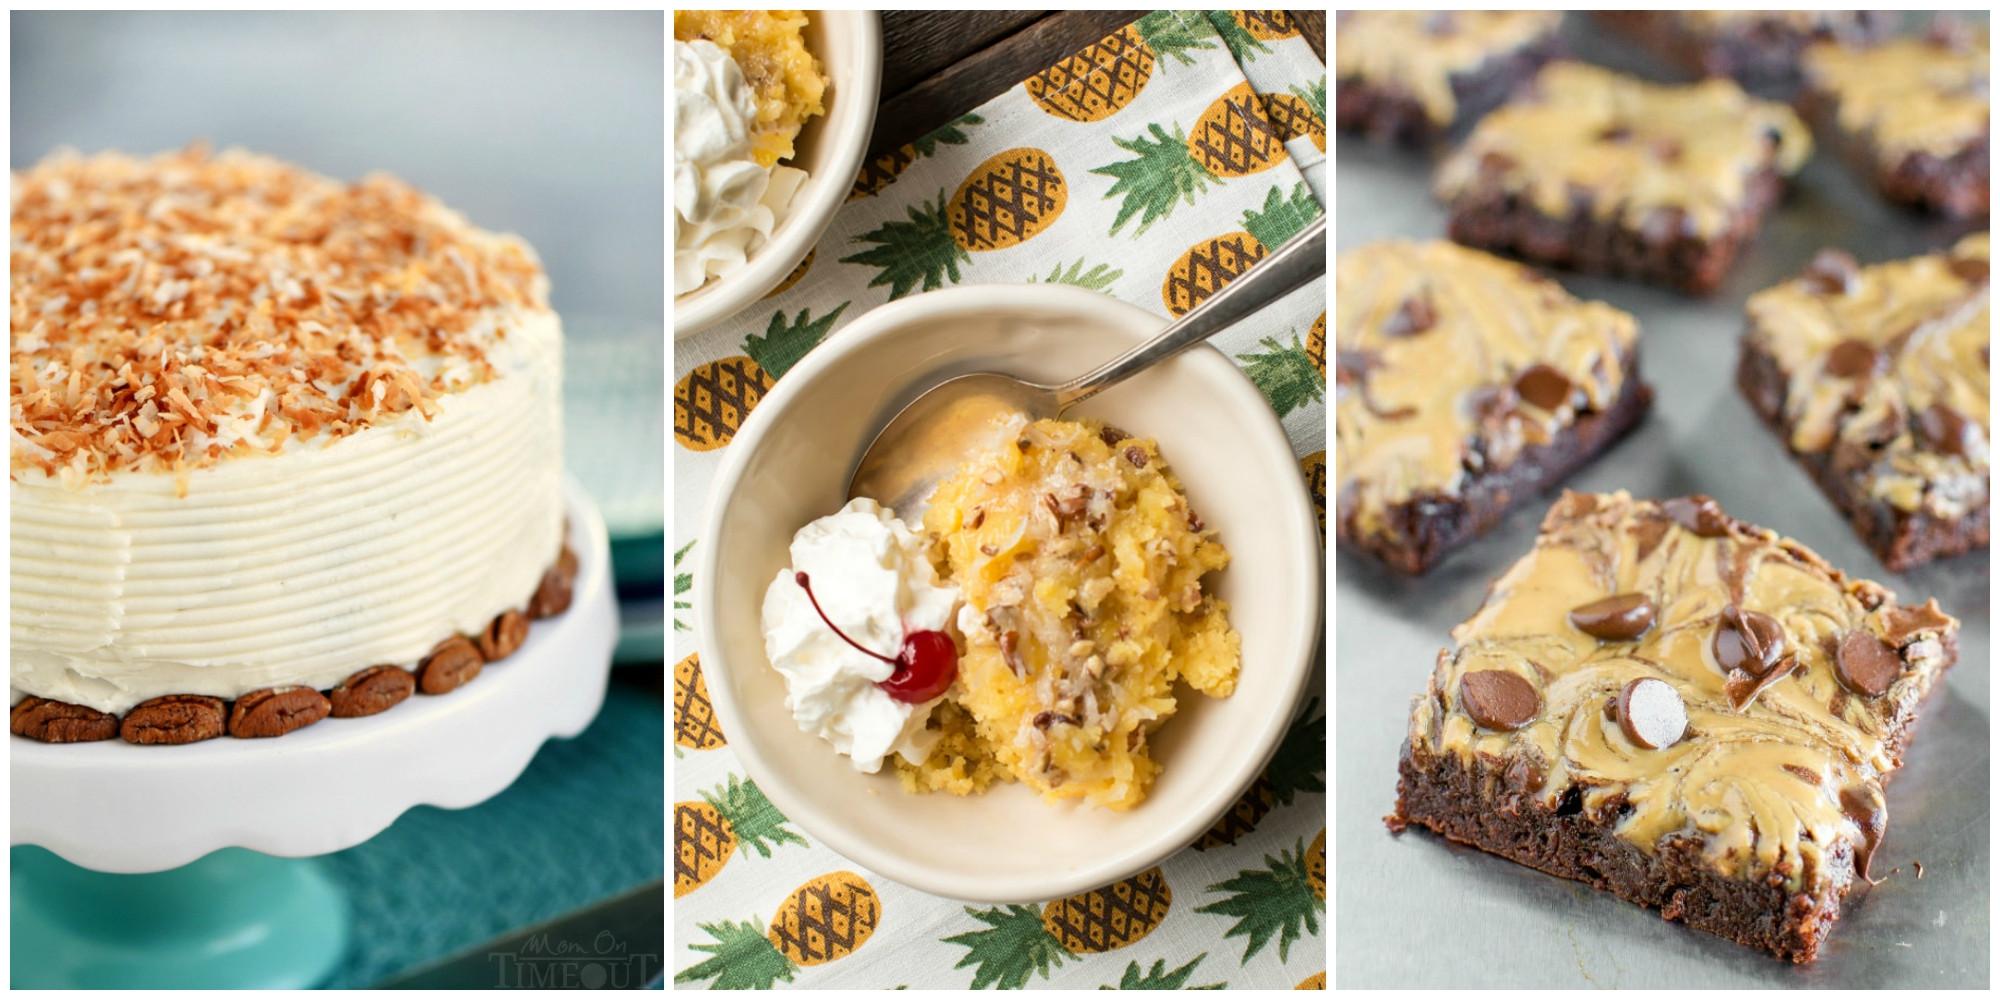 Slow Cooker Desserts  20 Easy Slow Cooker Desserts Best Recipes for Crock Pot